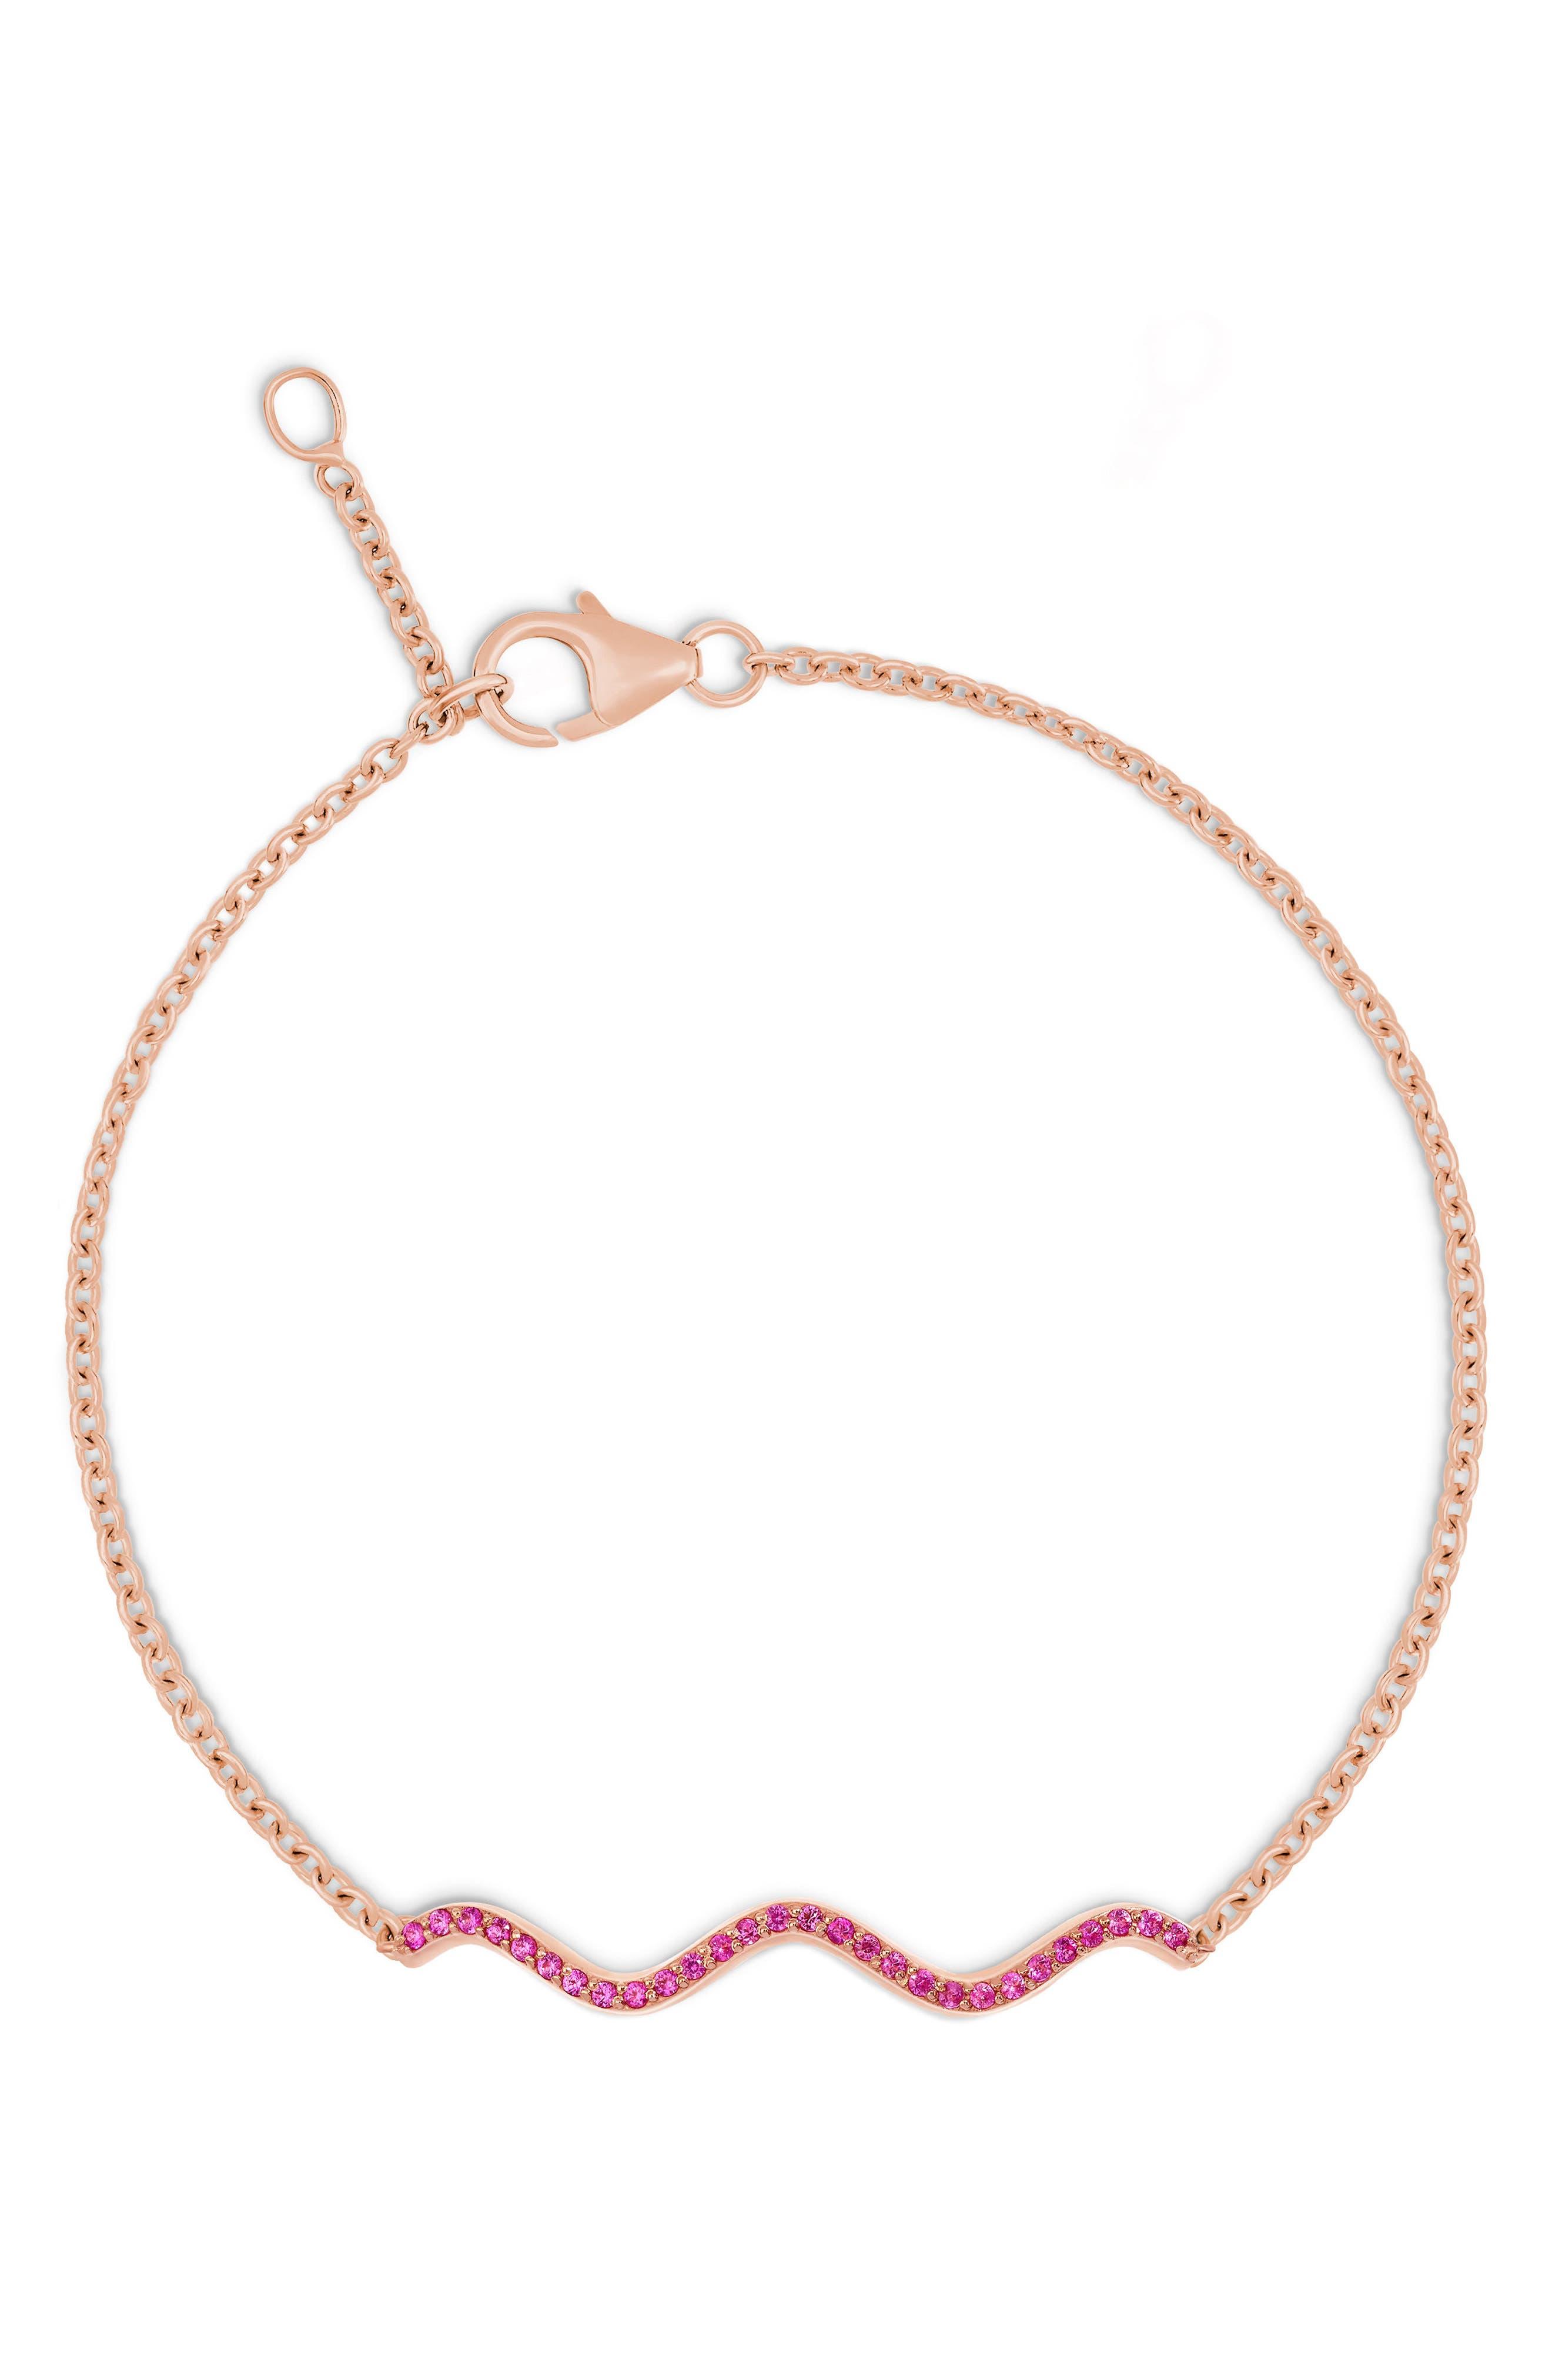 Memphis Chained Wave Pink Sapphire Bracelet,                             Main thumbnail 1, color,                             710